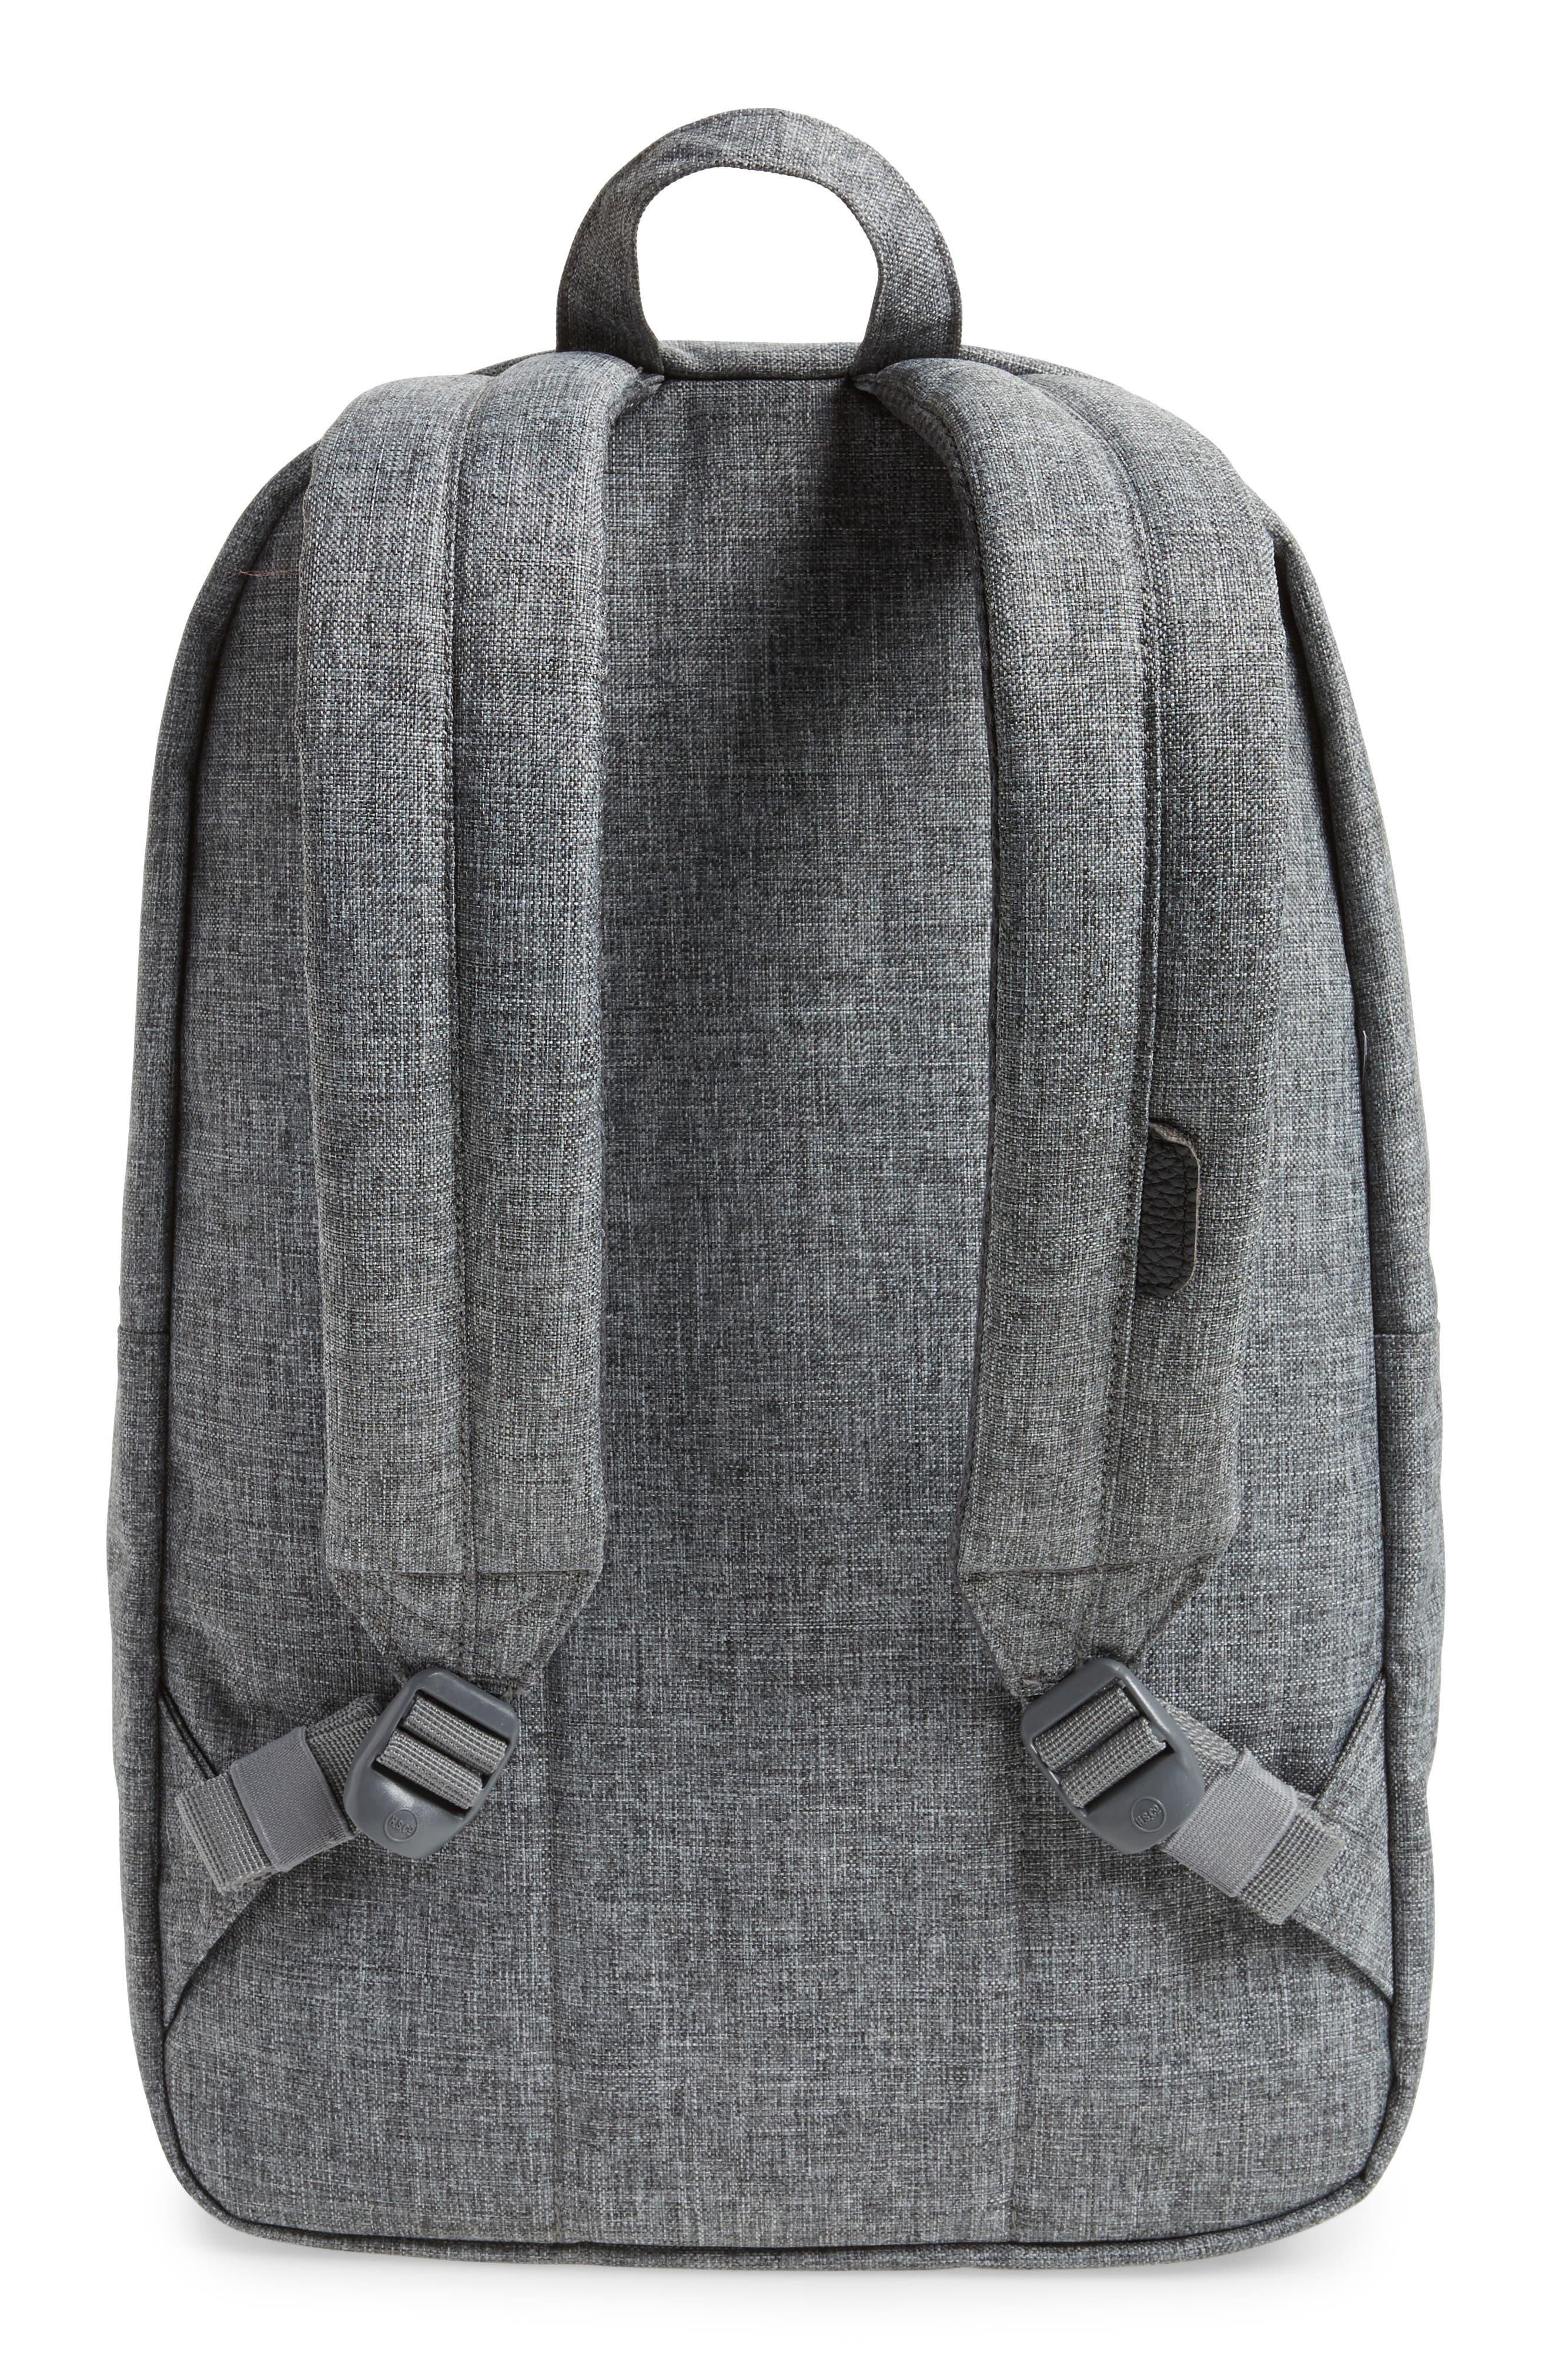 Heritage Backpack,                             Alternate thumbnail 4, color,                             RAVEN CROSSHATCH/ BLACK